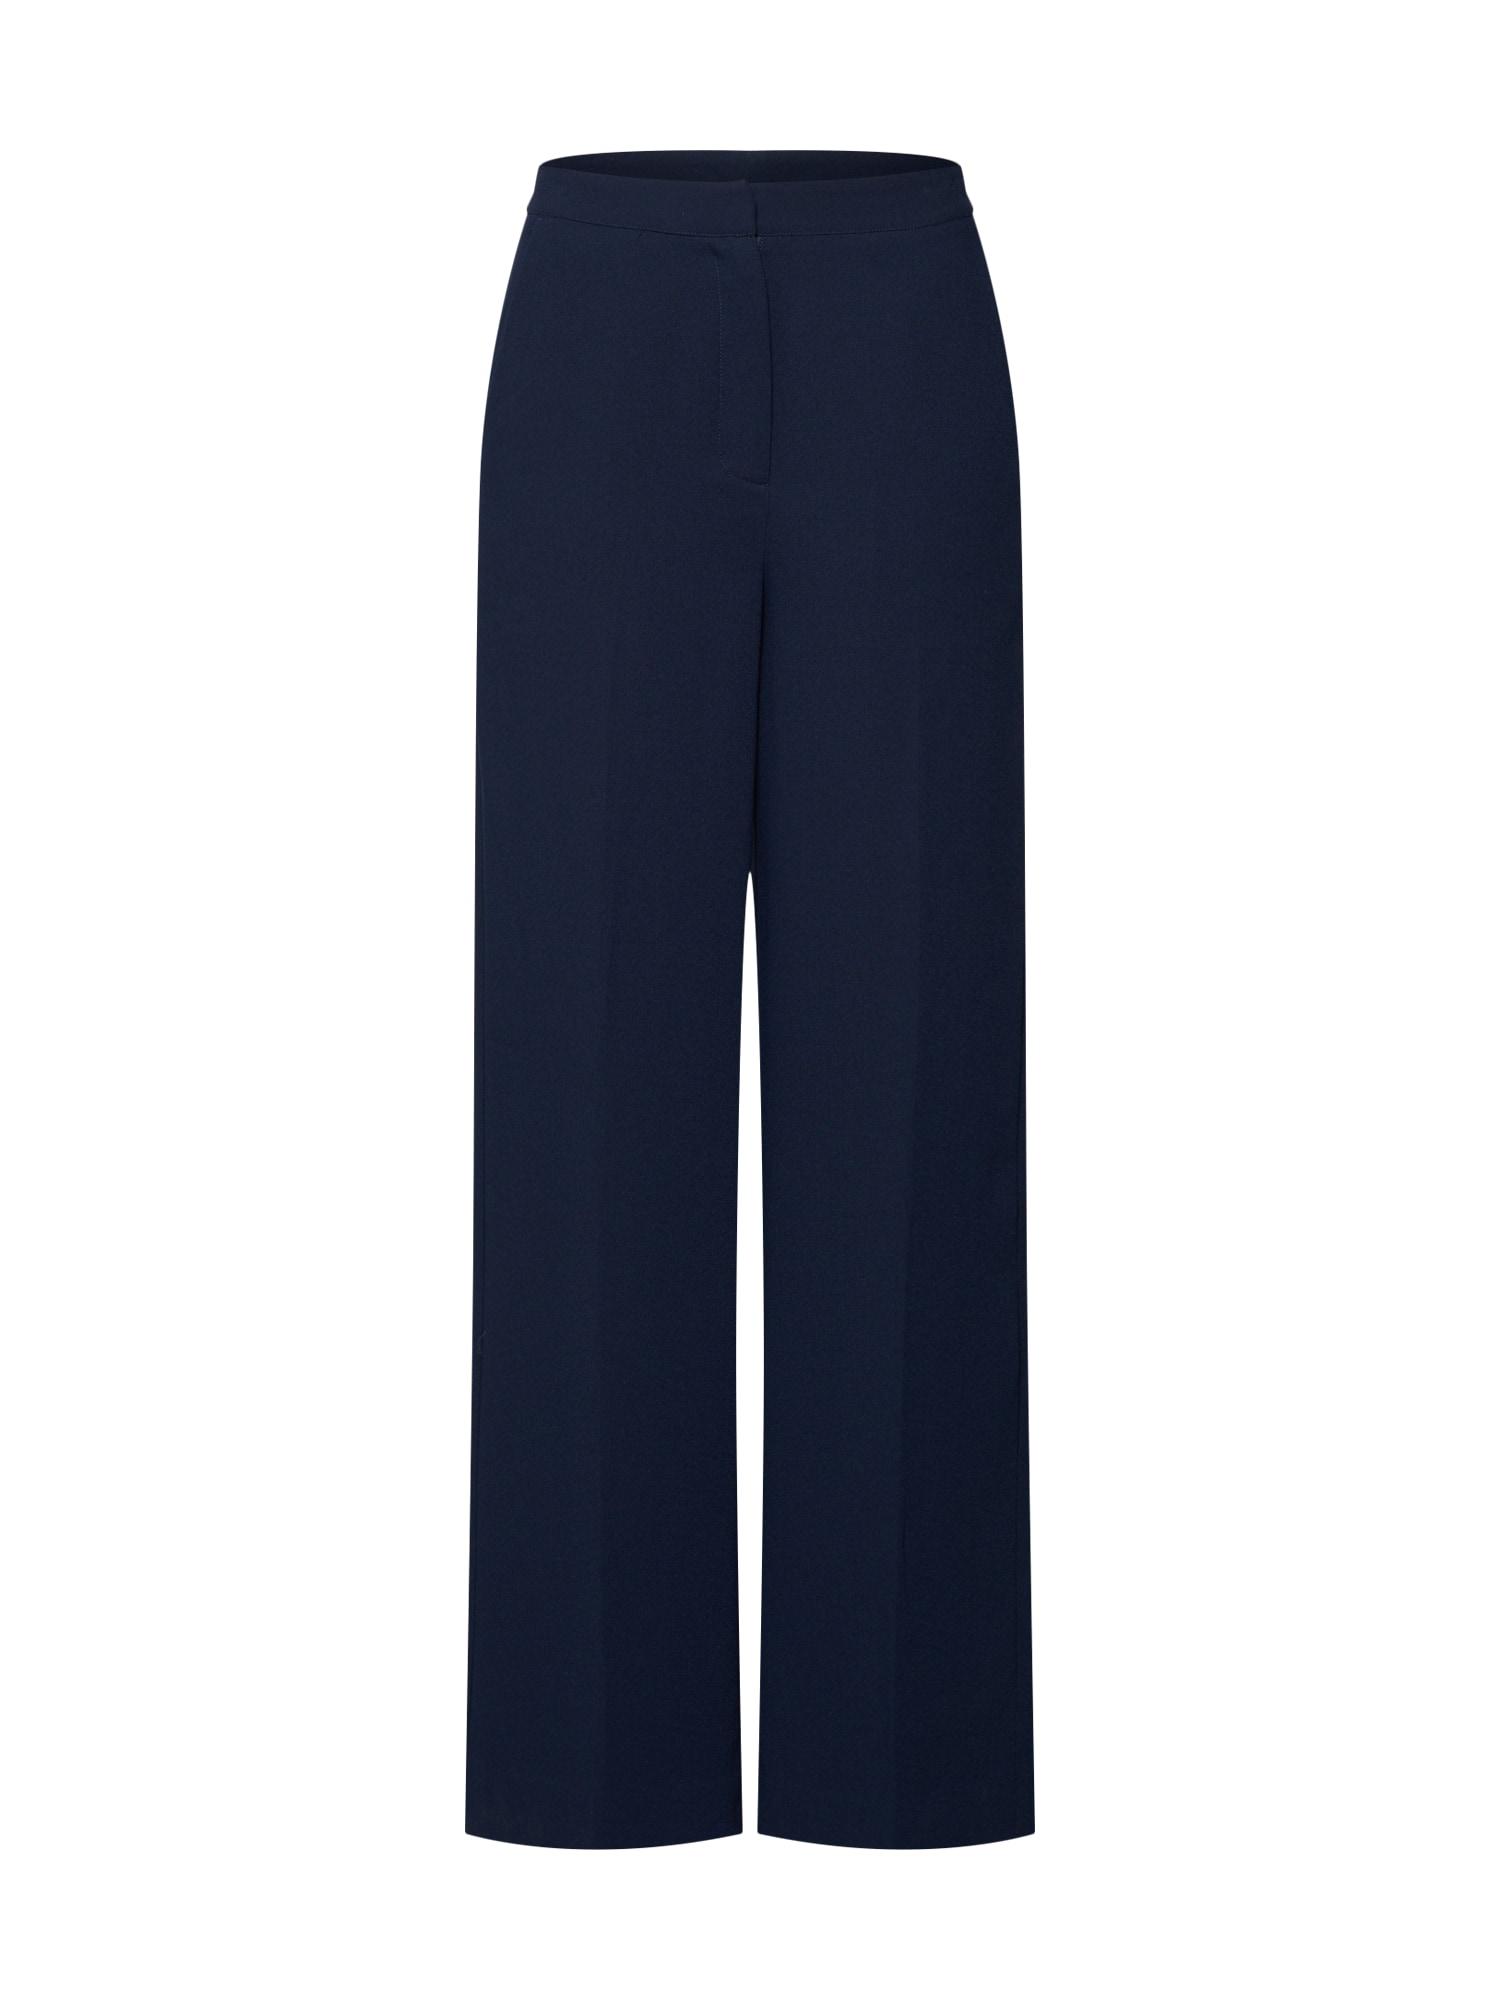 Kalhoty s puky Moore tmavě modrá Another Label